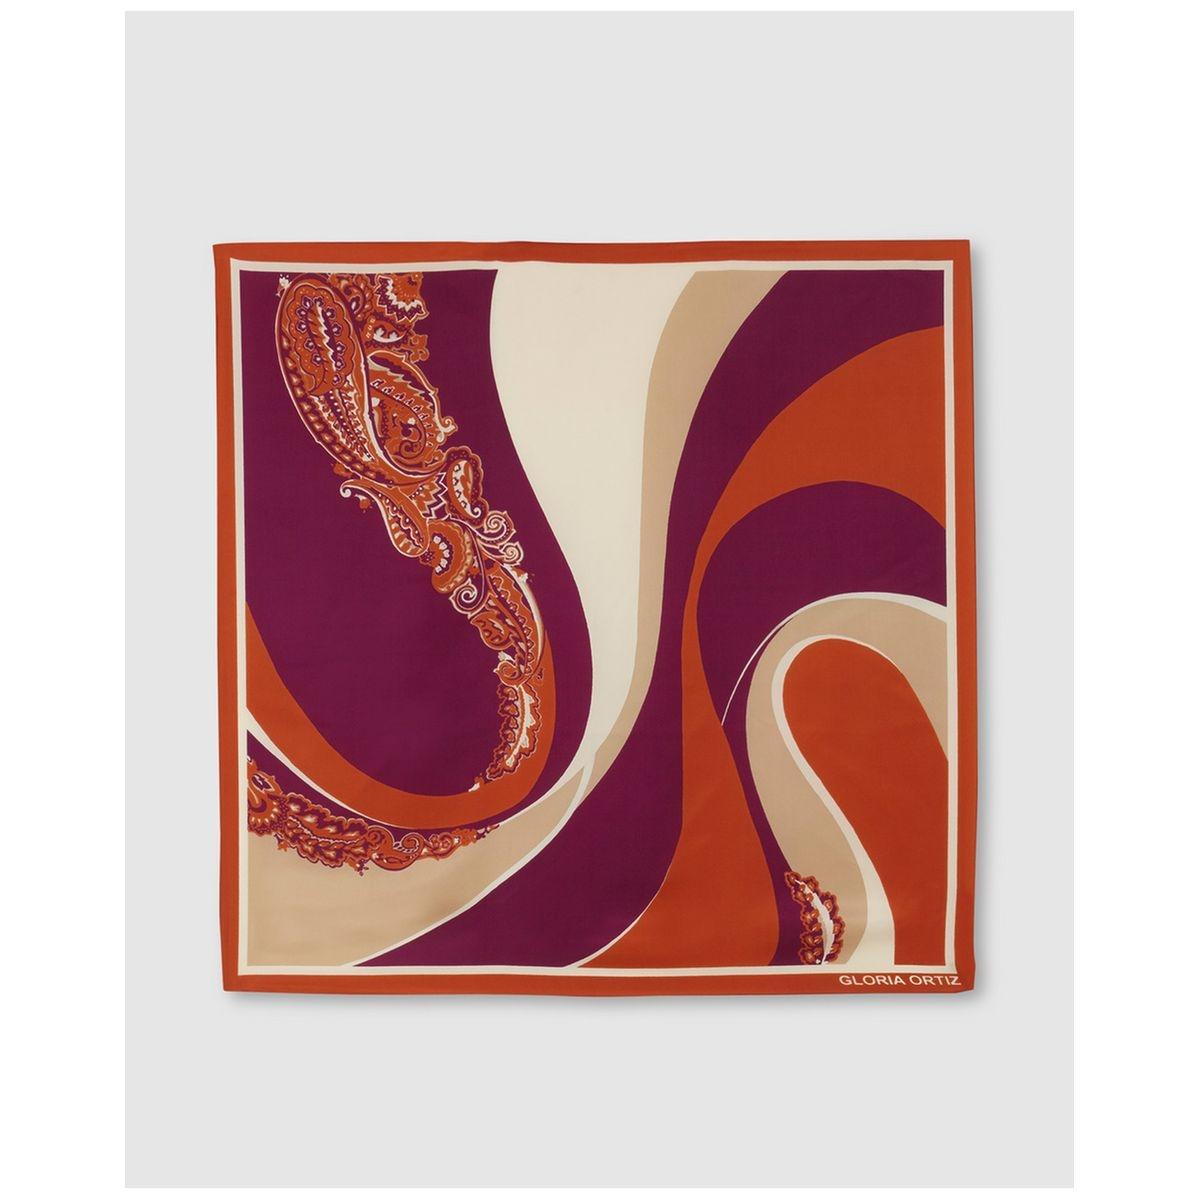 Foulard Deco Waves en soie imprimé